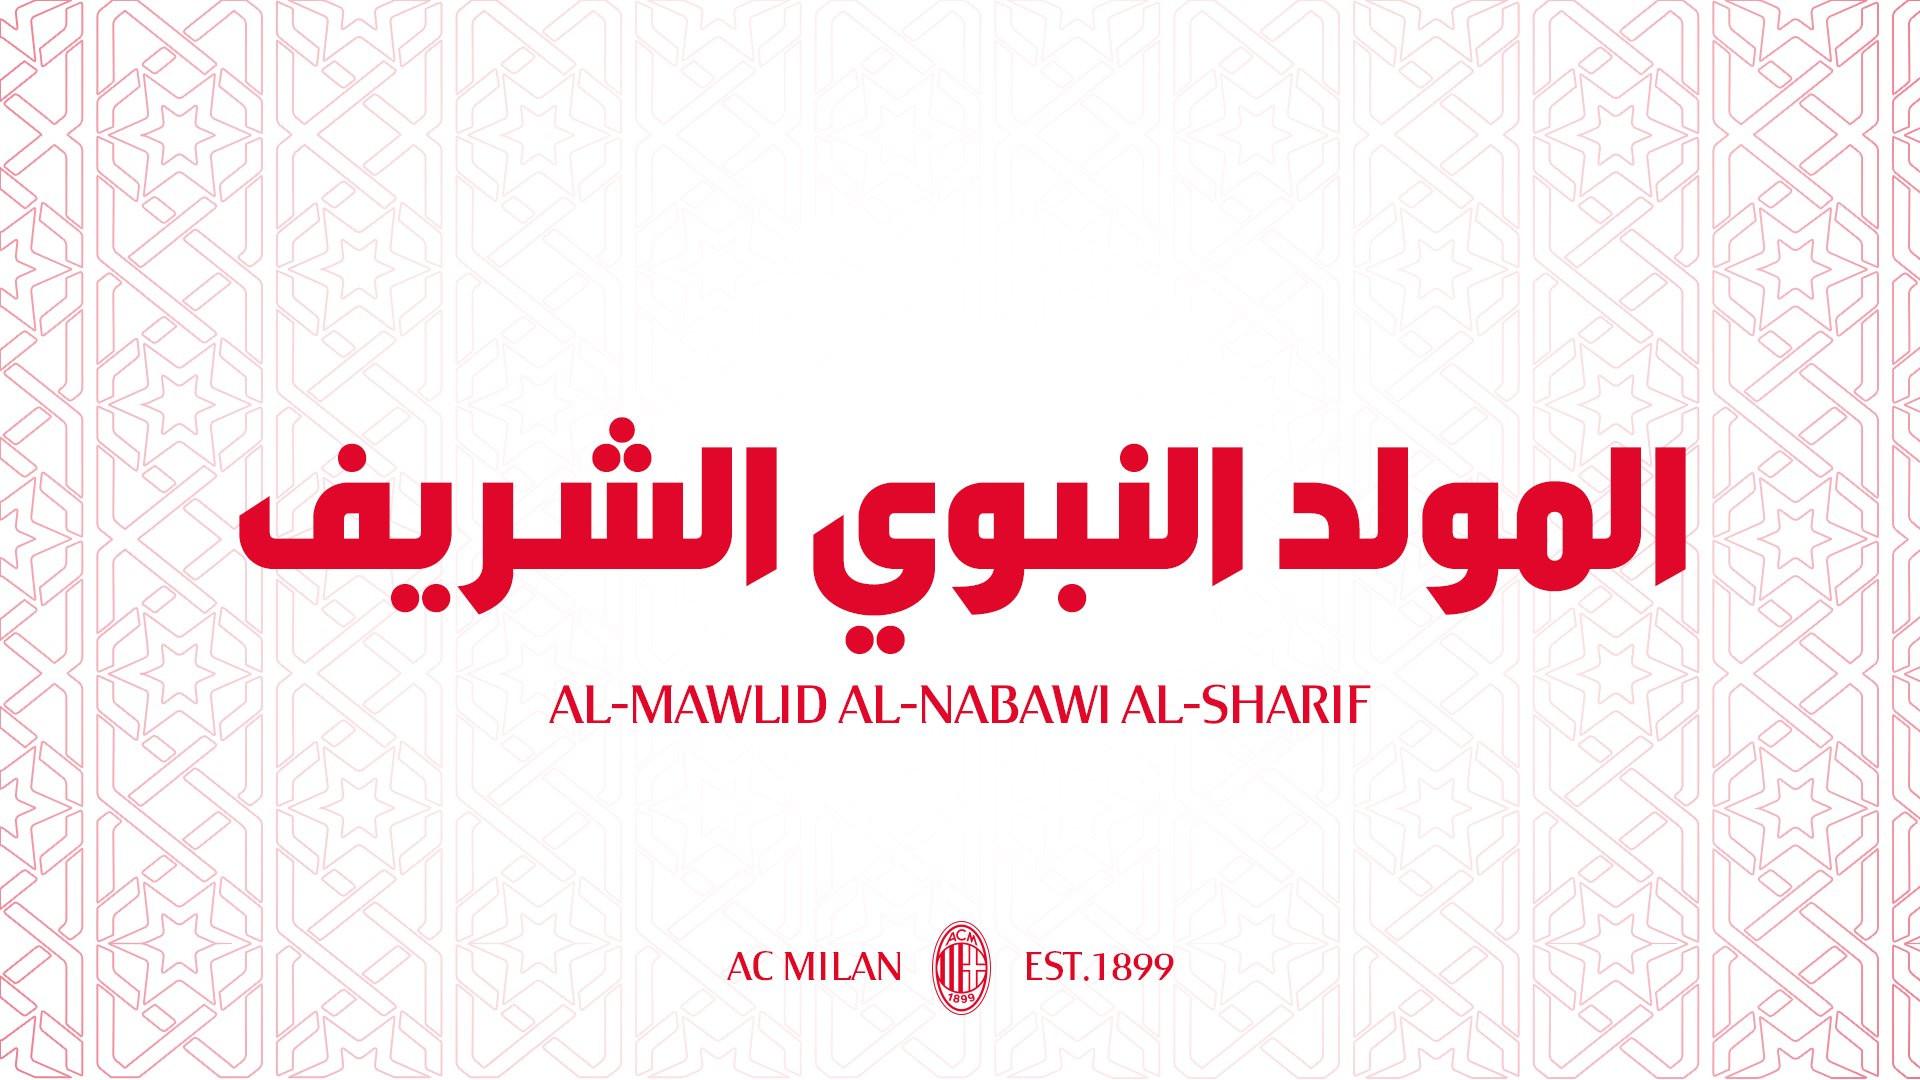 Respek! AC Milan Beri Ucapan Selamat Maulid Nabi untuk Umat Islam di Penjuru Dunia - JPNN.com